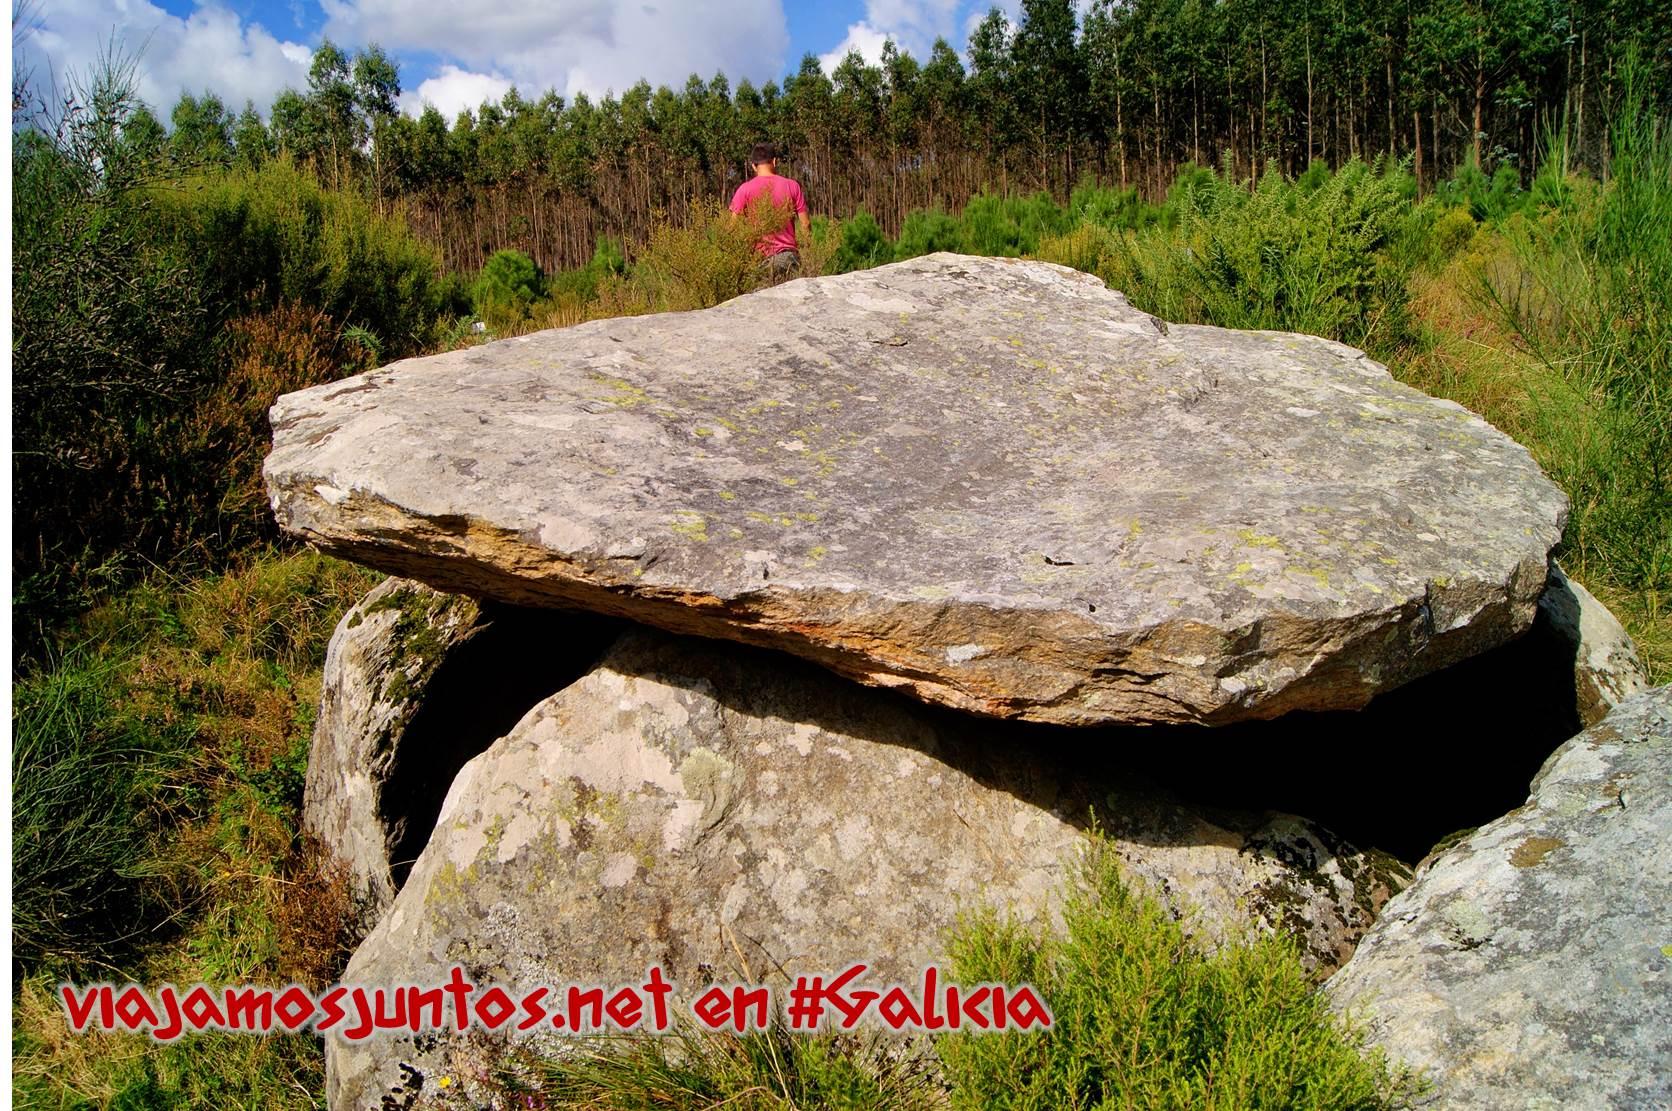 Dolmen Arca da Piosa; Ruta de los dólmenes de Vimianzo; Dumbría, Costa da Morte, Galicia